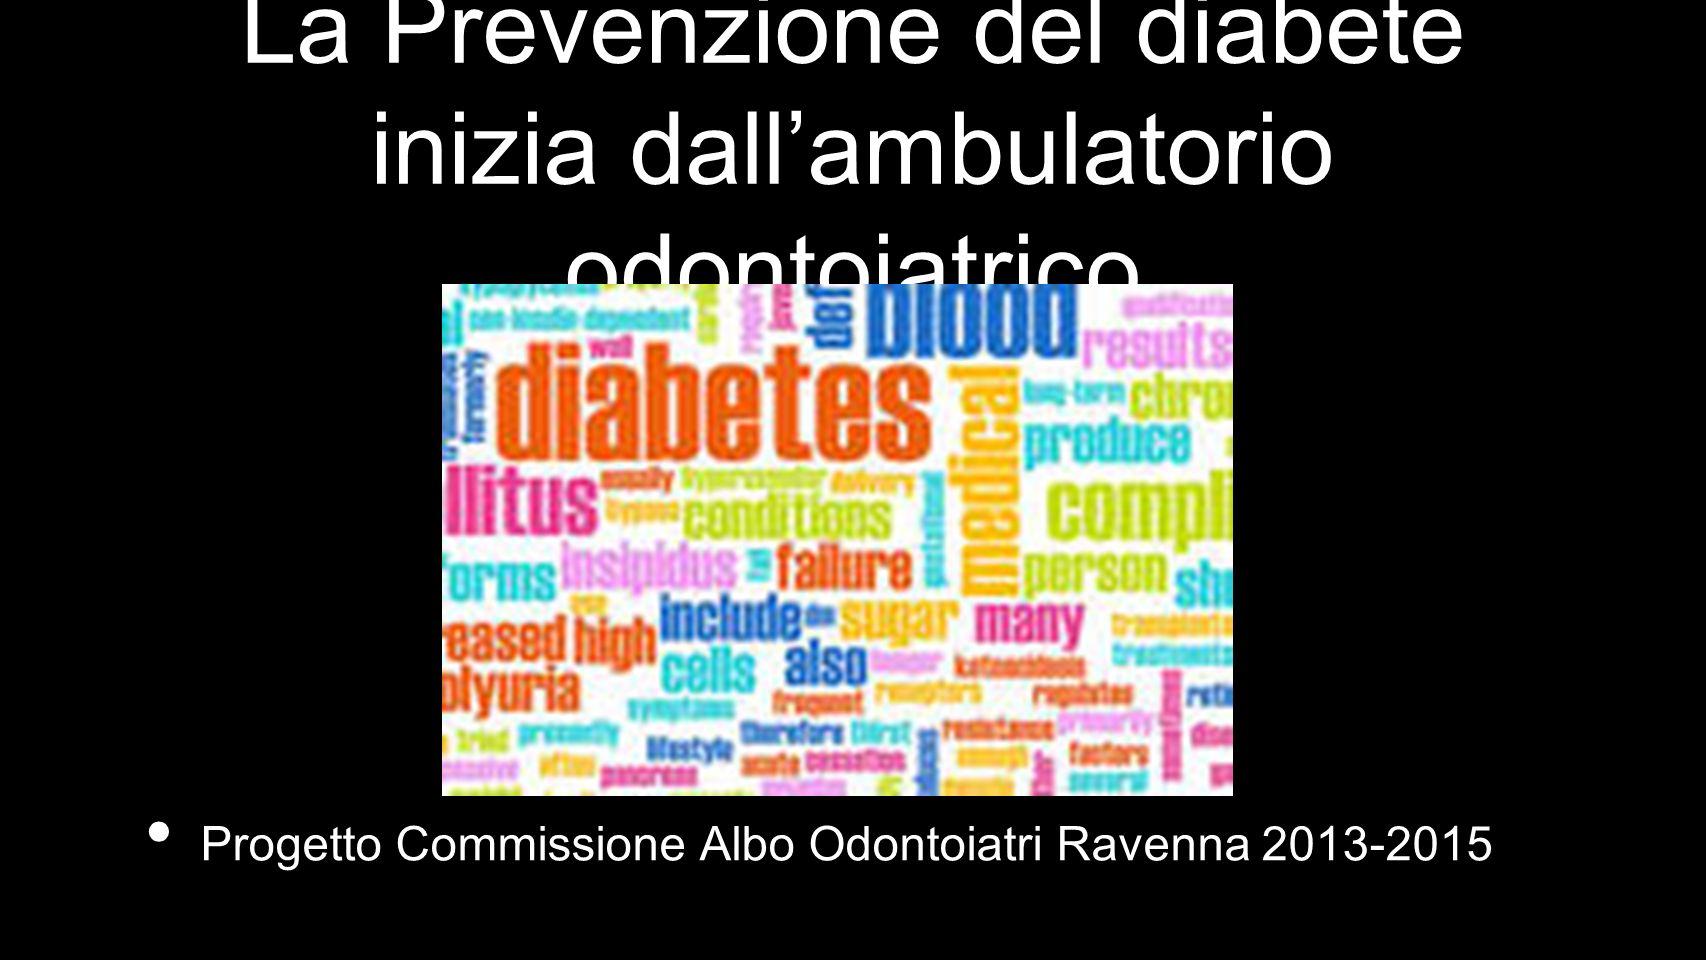 La Prevenzione del diabete inizia dallambulatorio odontoiatrico Progetto Commissione Albo Odontoiatri Ravenna 2013-2015